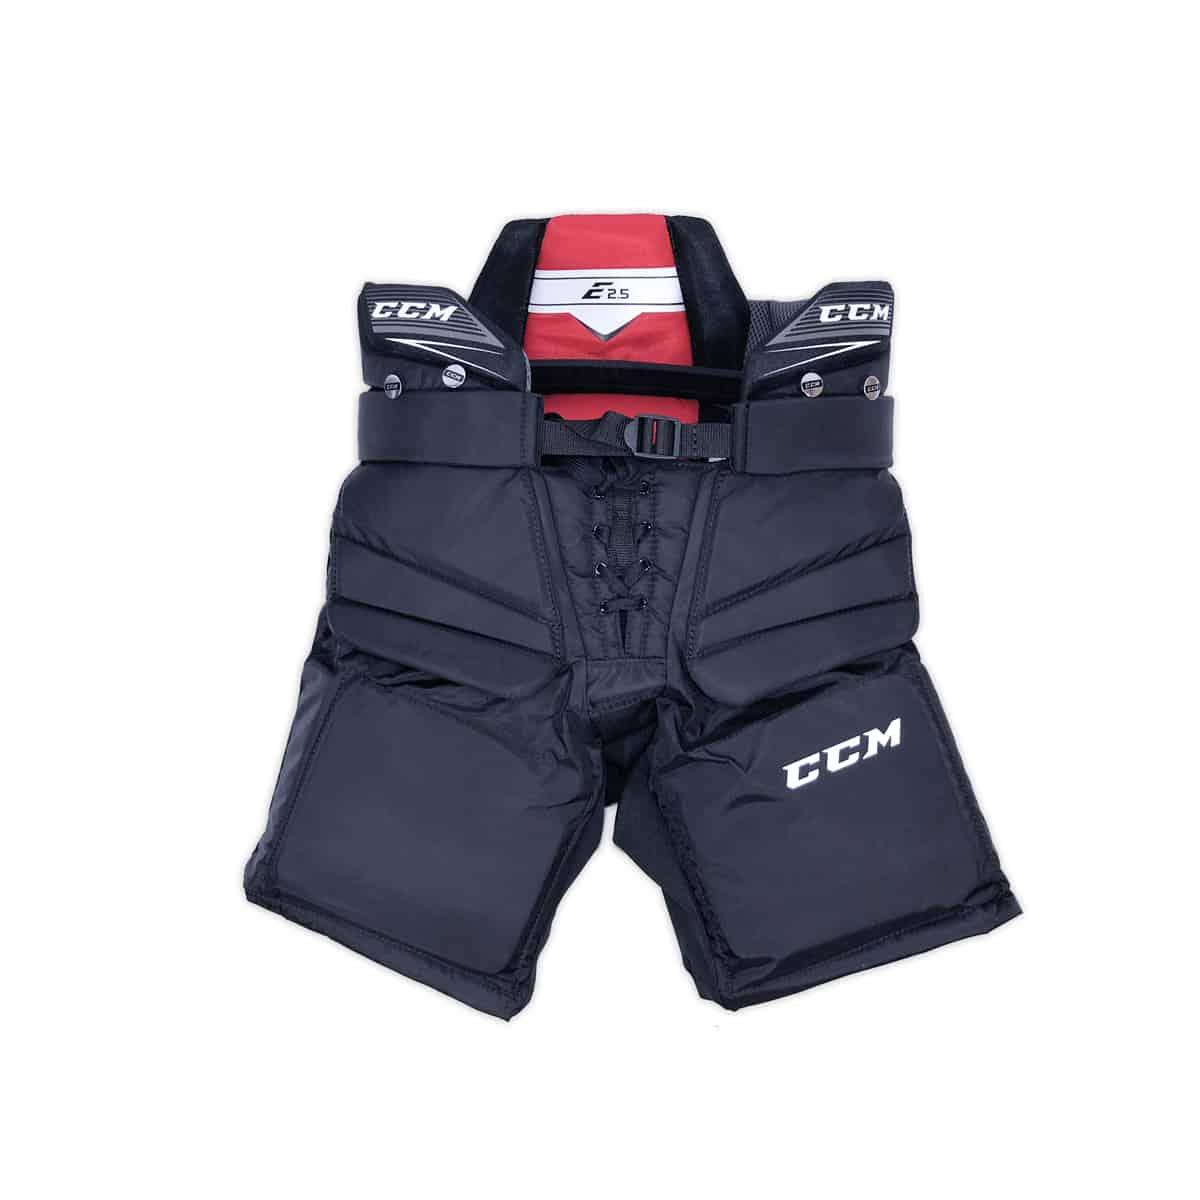 Goalies Plus Best Price Ccm Extreme Flex E2 5 Junior Goalie Pants